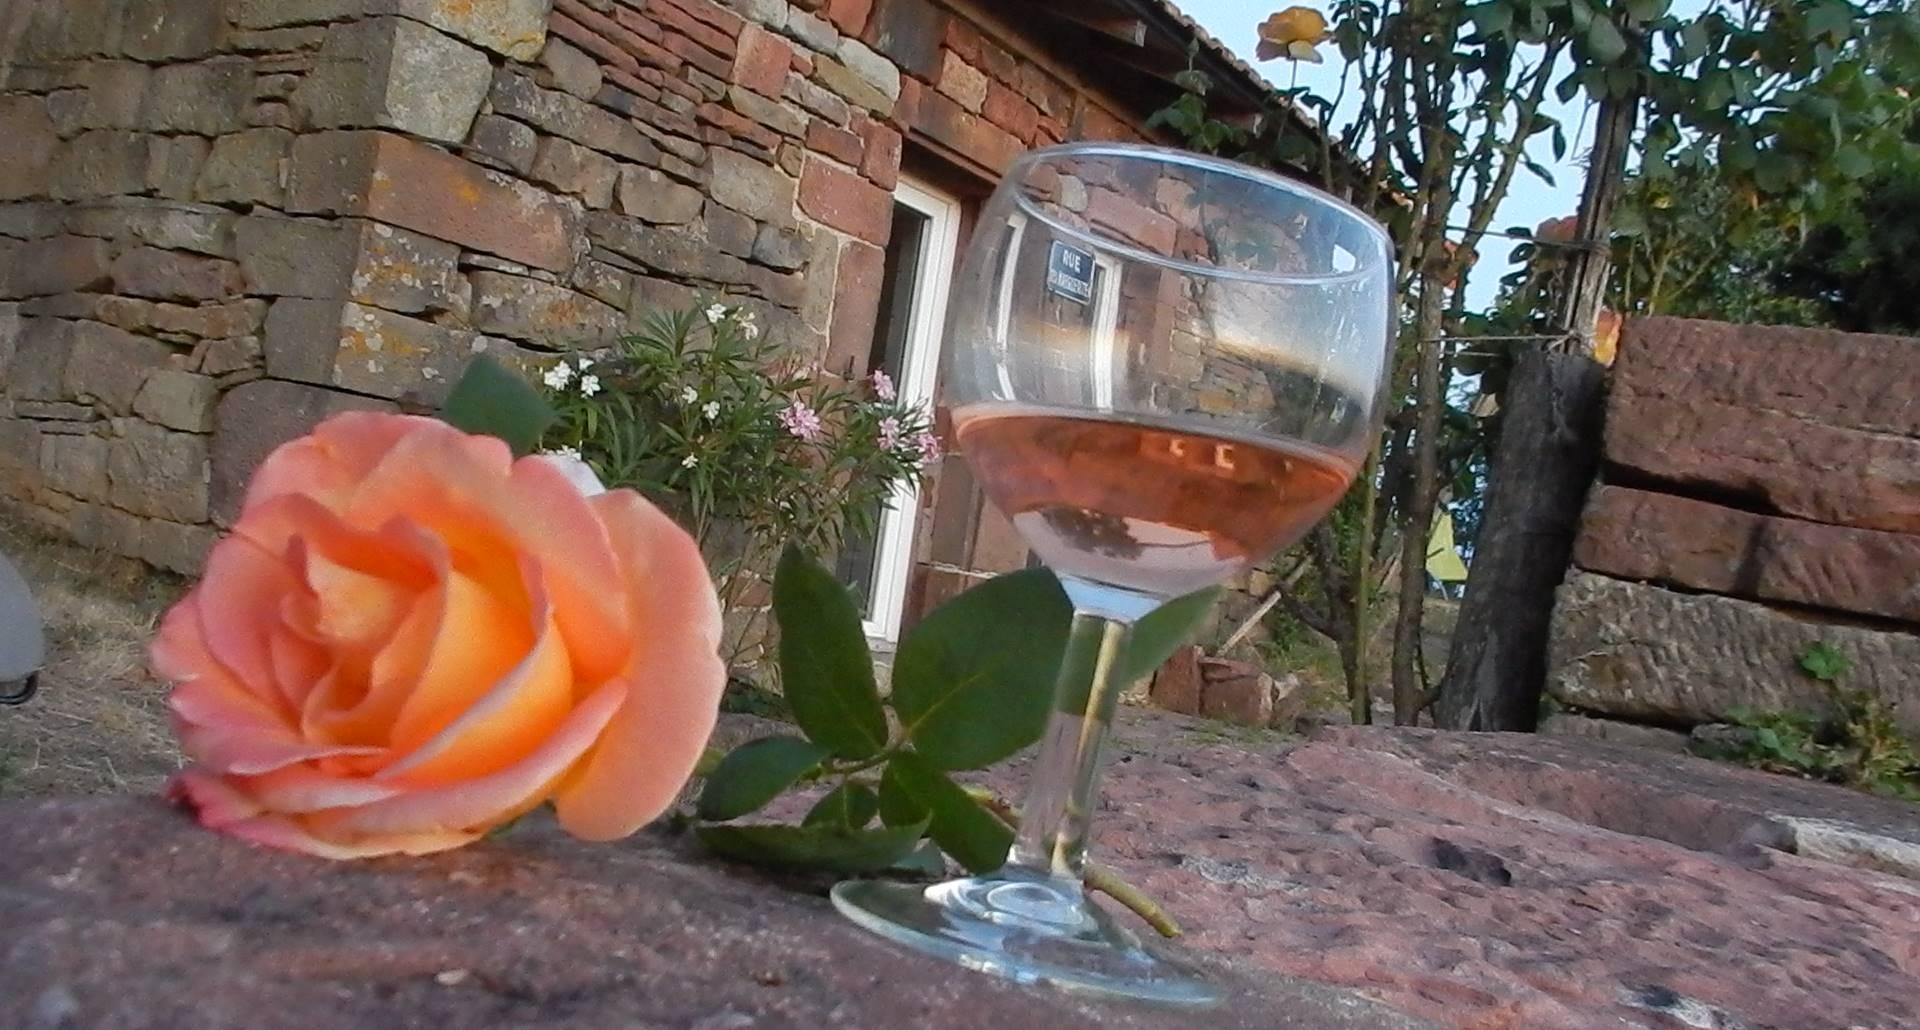 Une rose et un verre de rosé... l'heure de l'apéro a sonné !